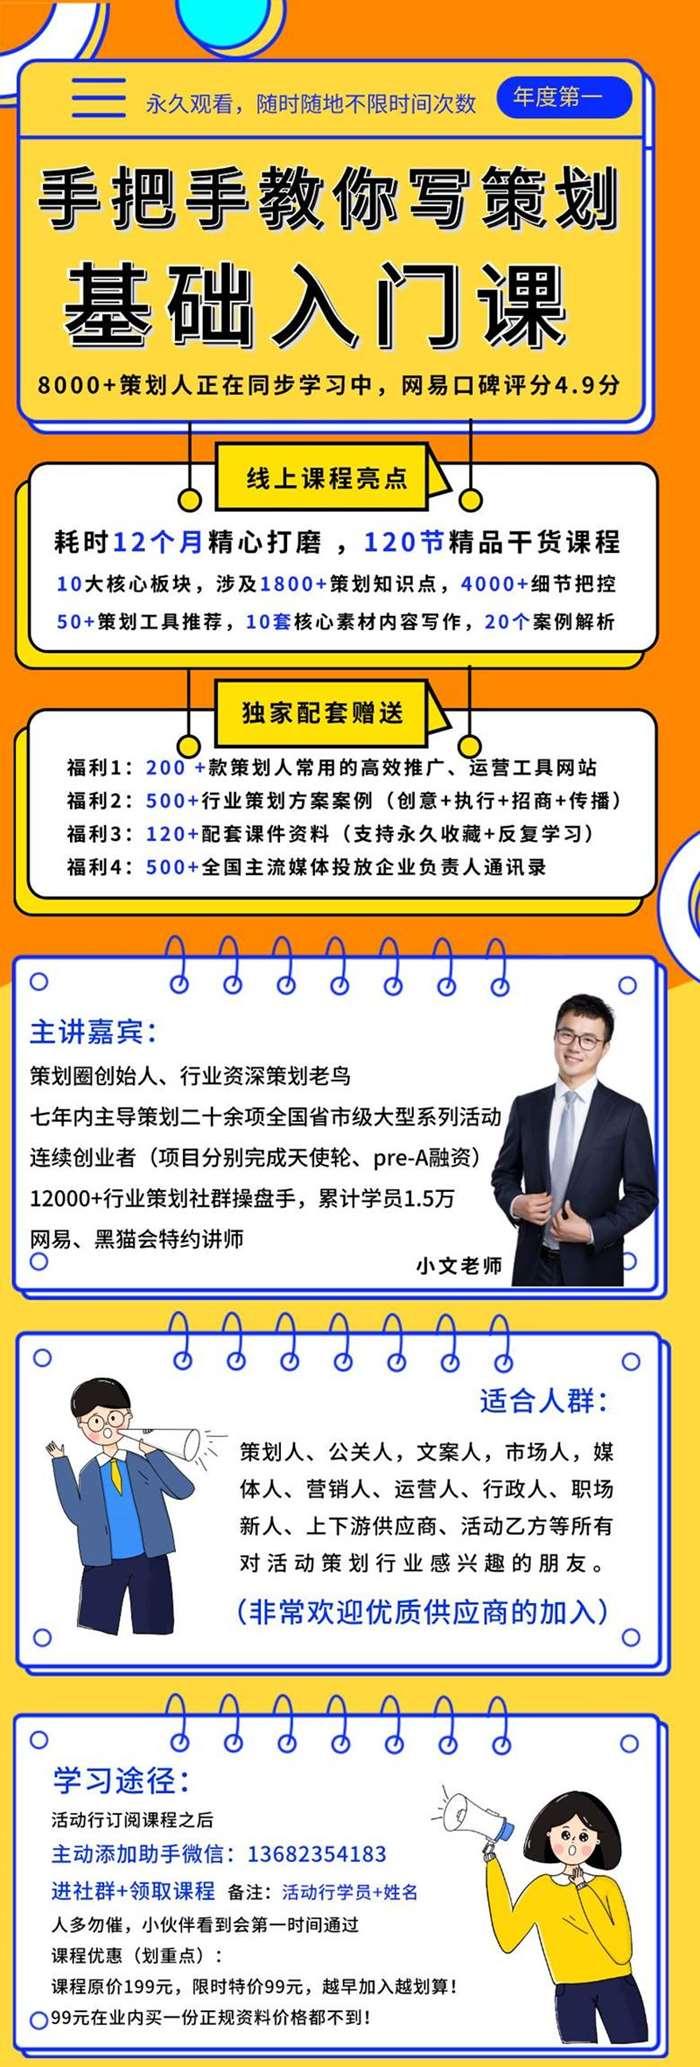 副本_课程海报_自定义px_2019-12-13-0.jpeg